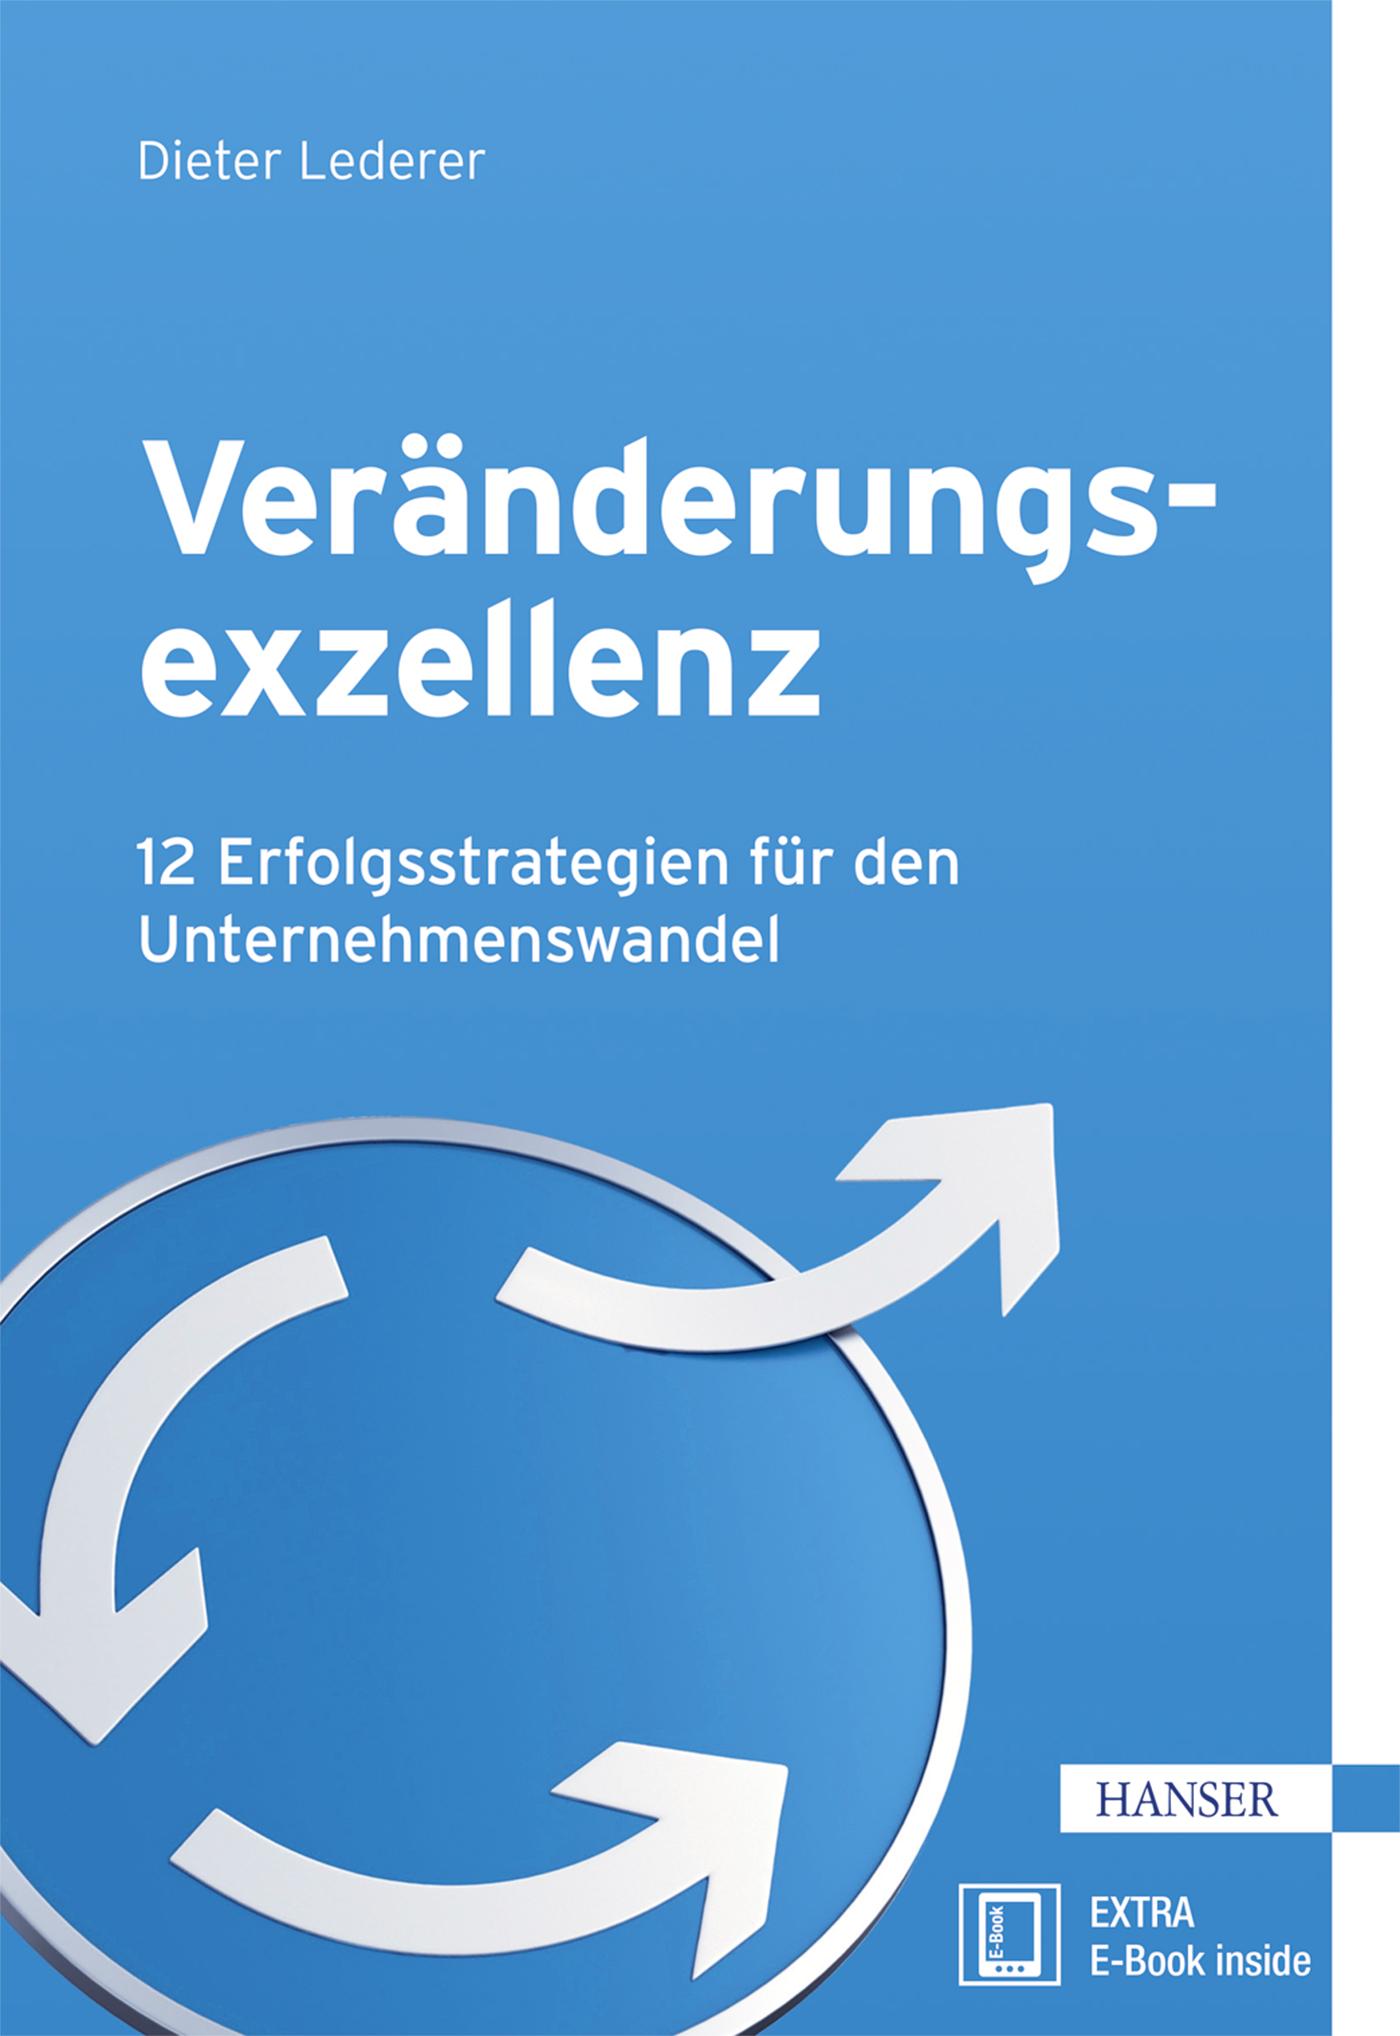 Lederer, Veränderungsexzellenz, 978-3-446-45135-3